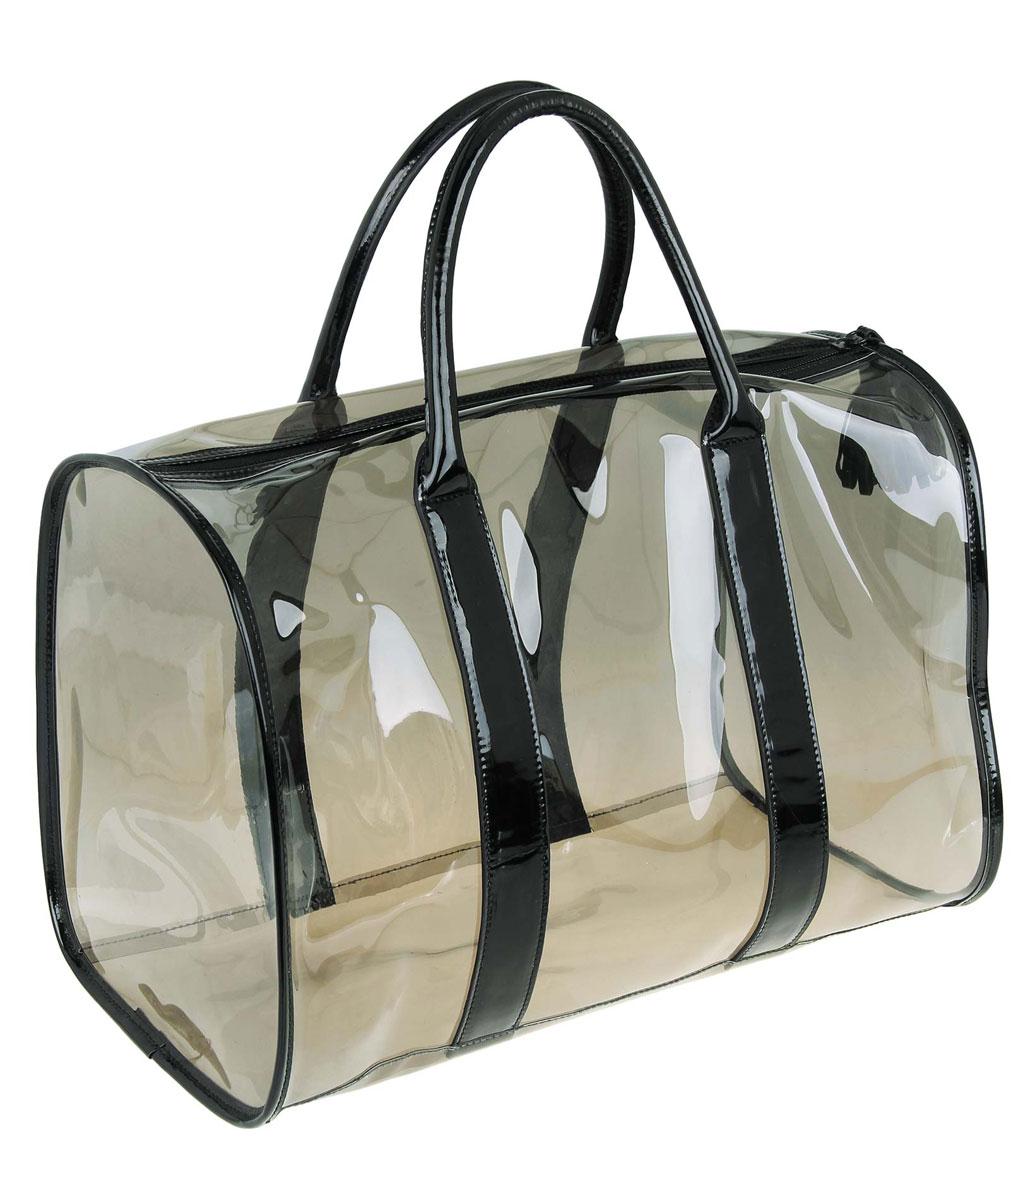 bolsa de praia transparente com preto